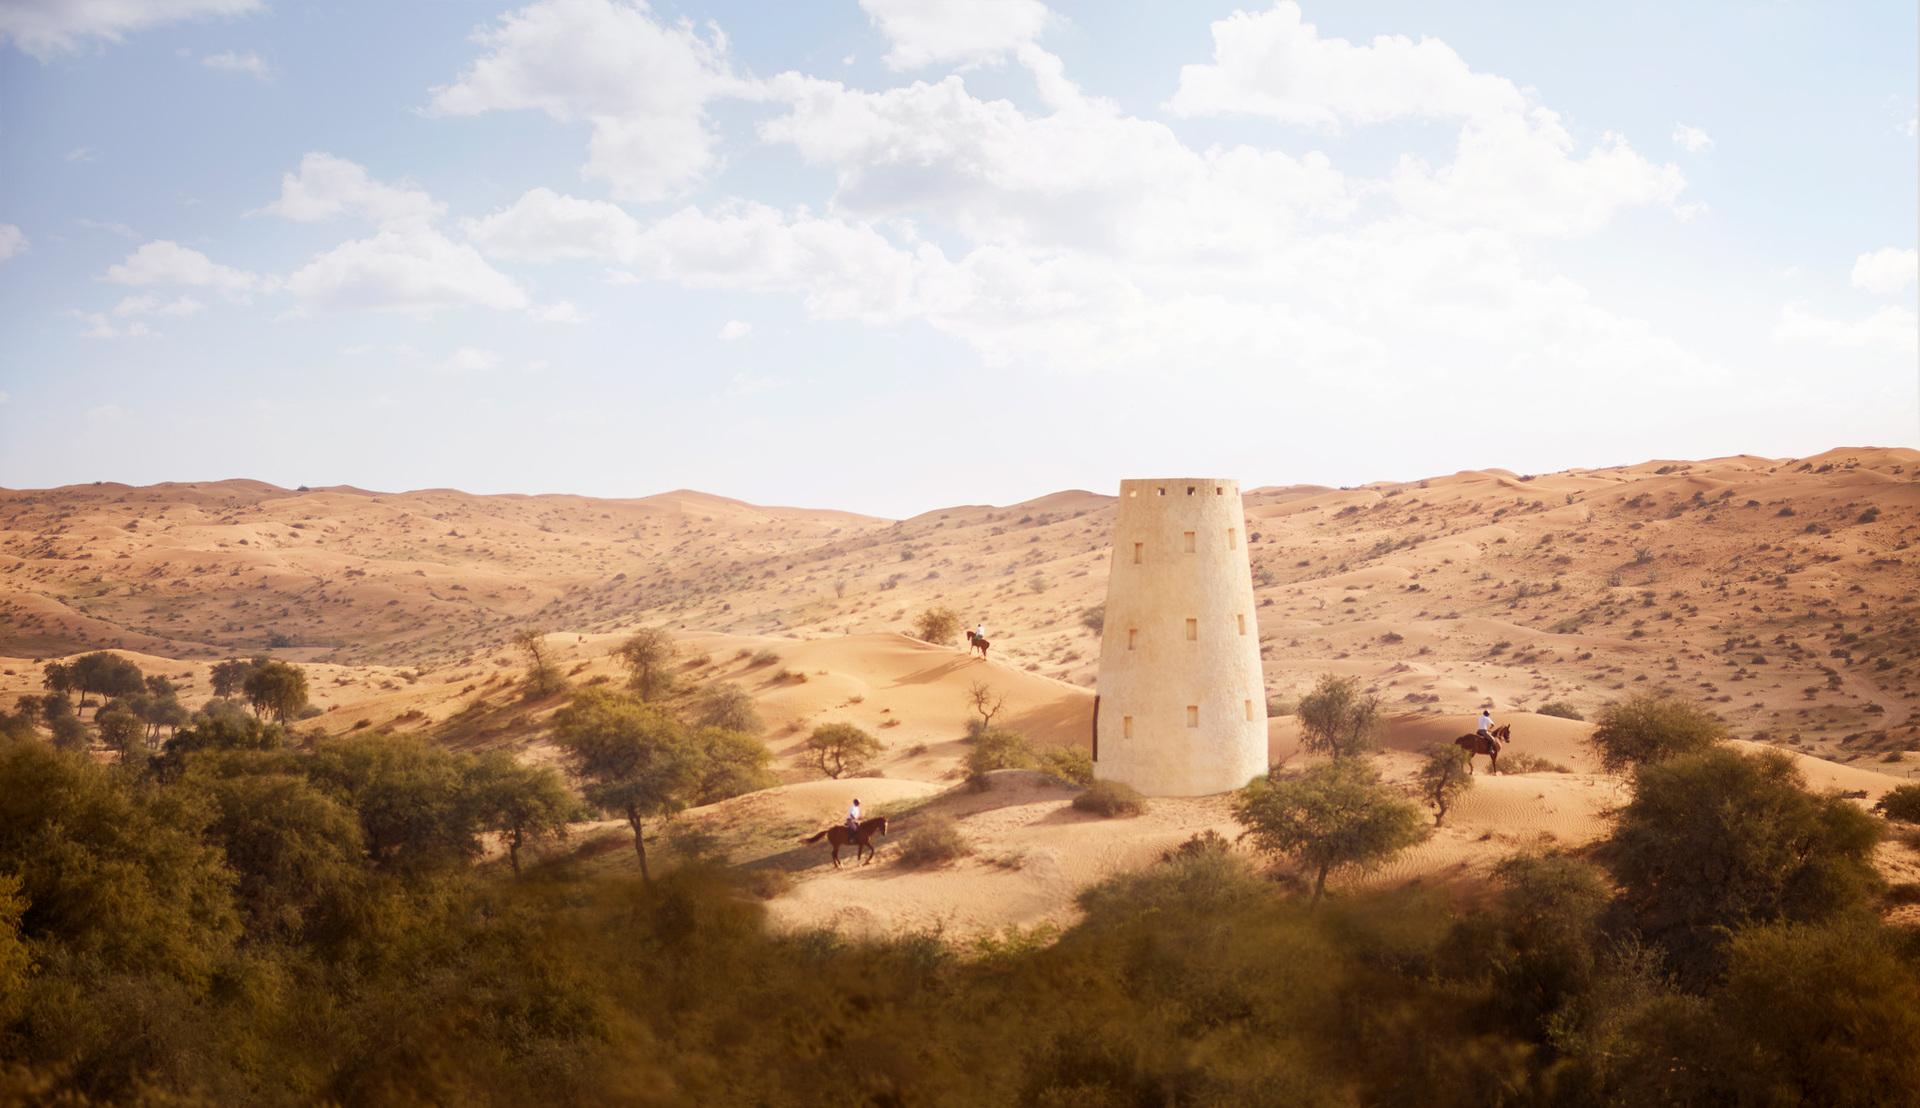 Готель розташований на території заповідника, 500 гектарів – справжній оазис в пустелі. Ви маєте можливість познайомитися з дикою природою пустелі, побачити ориксів, газелей, а також безліч птахів, зануритися в арабську казку.